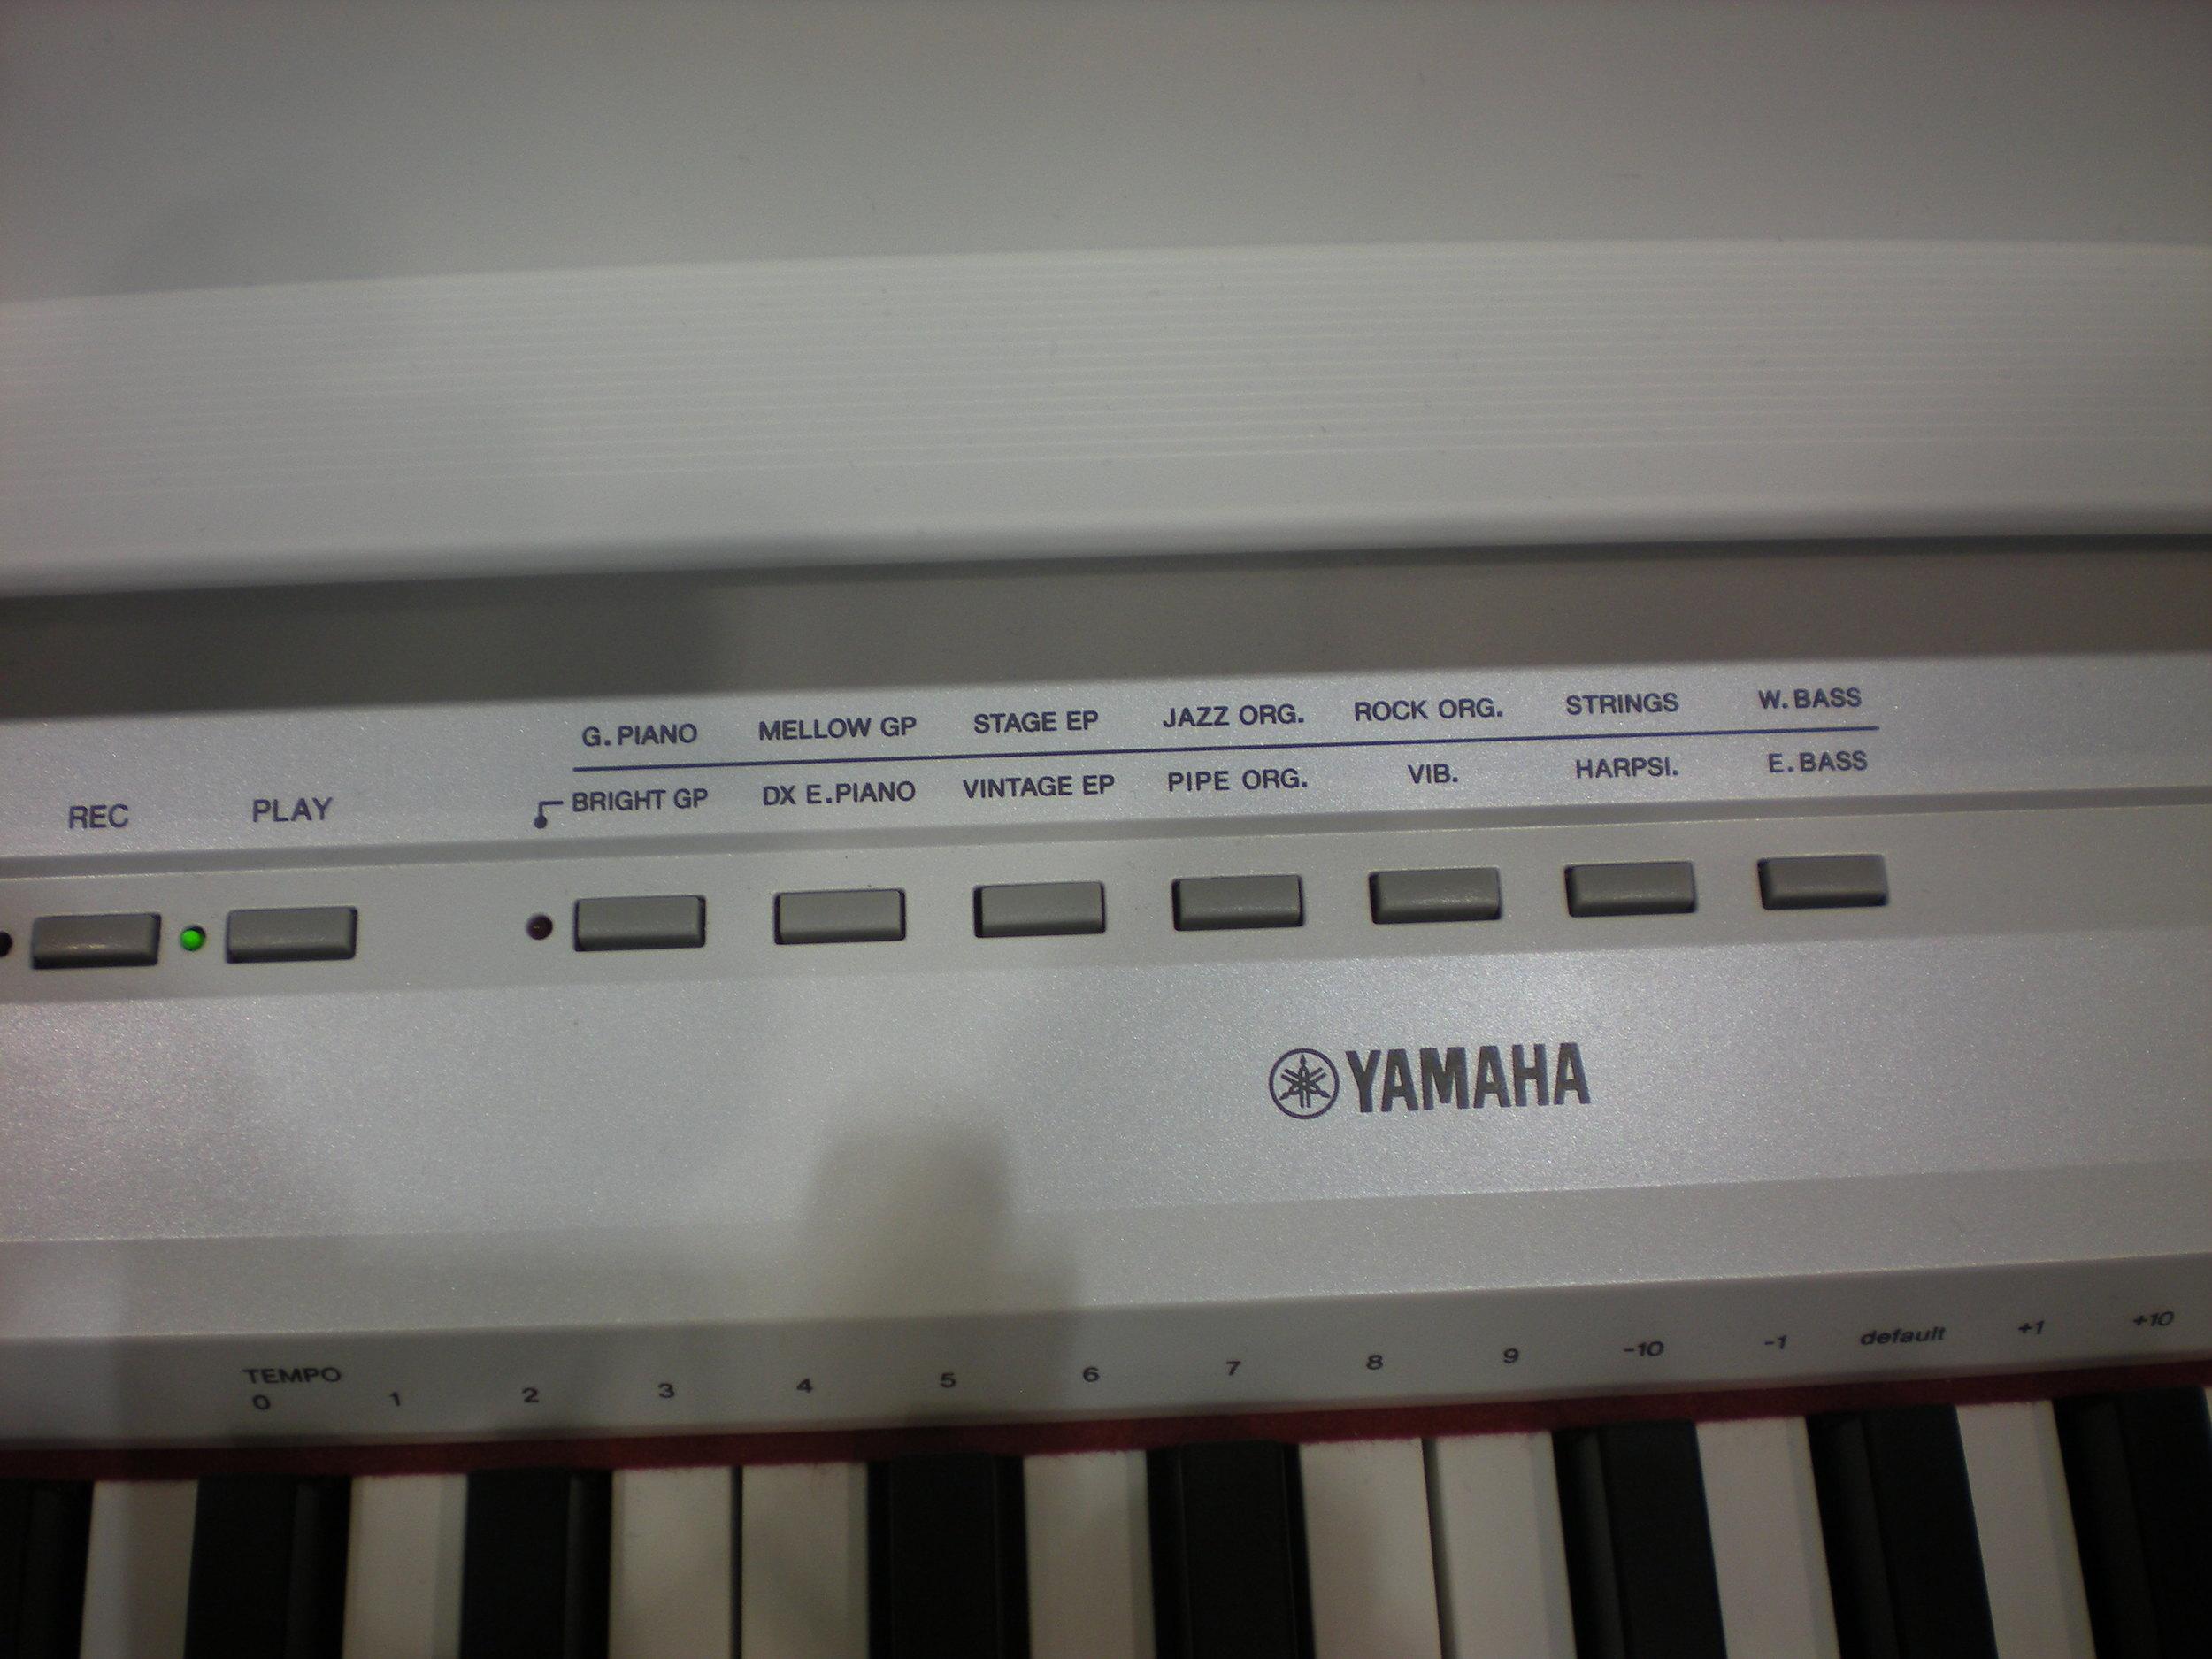 Yamaha P-115 - panel